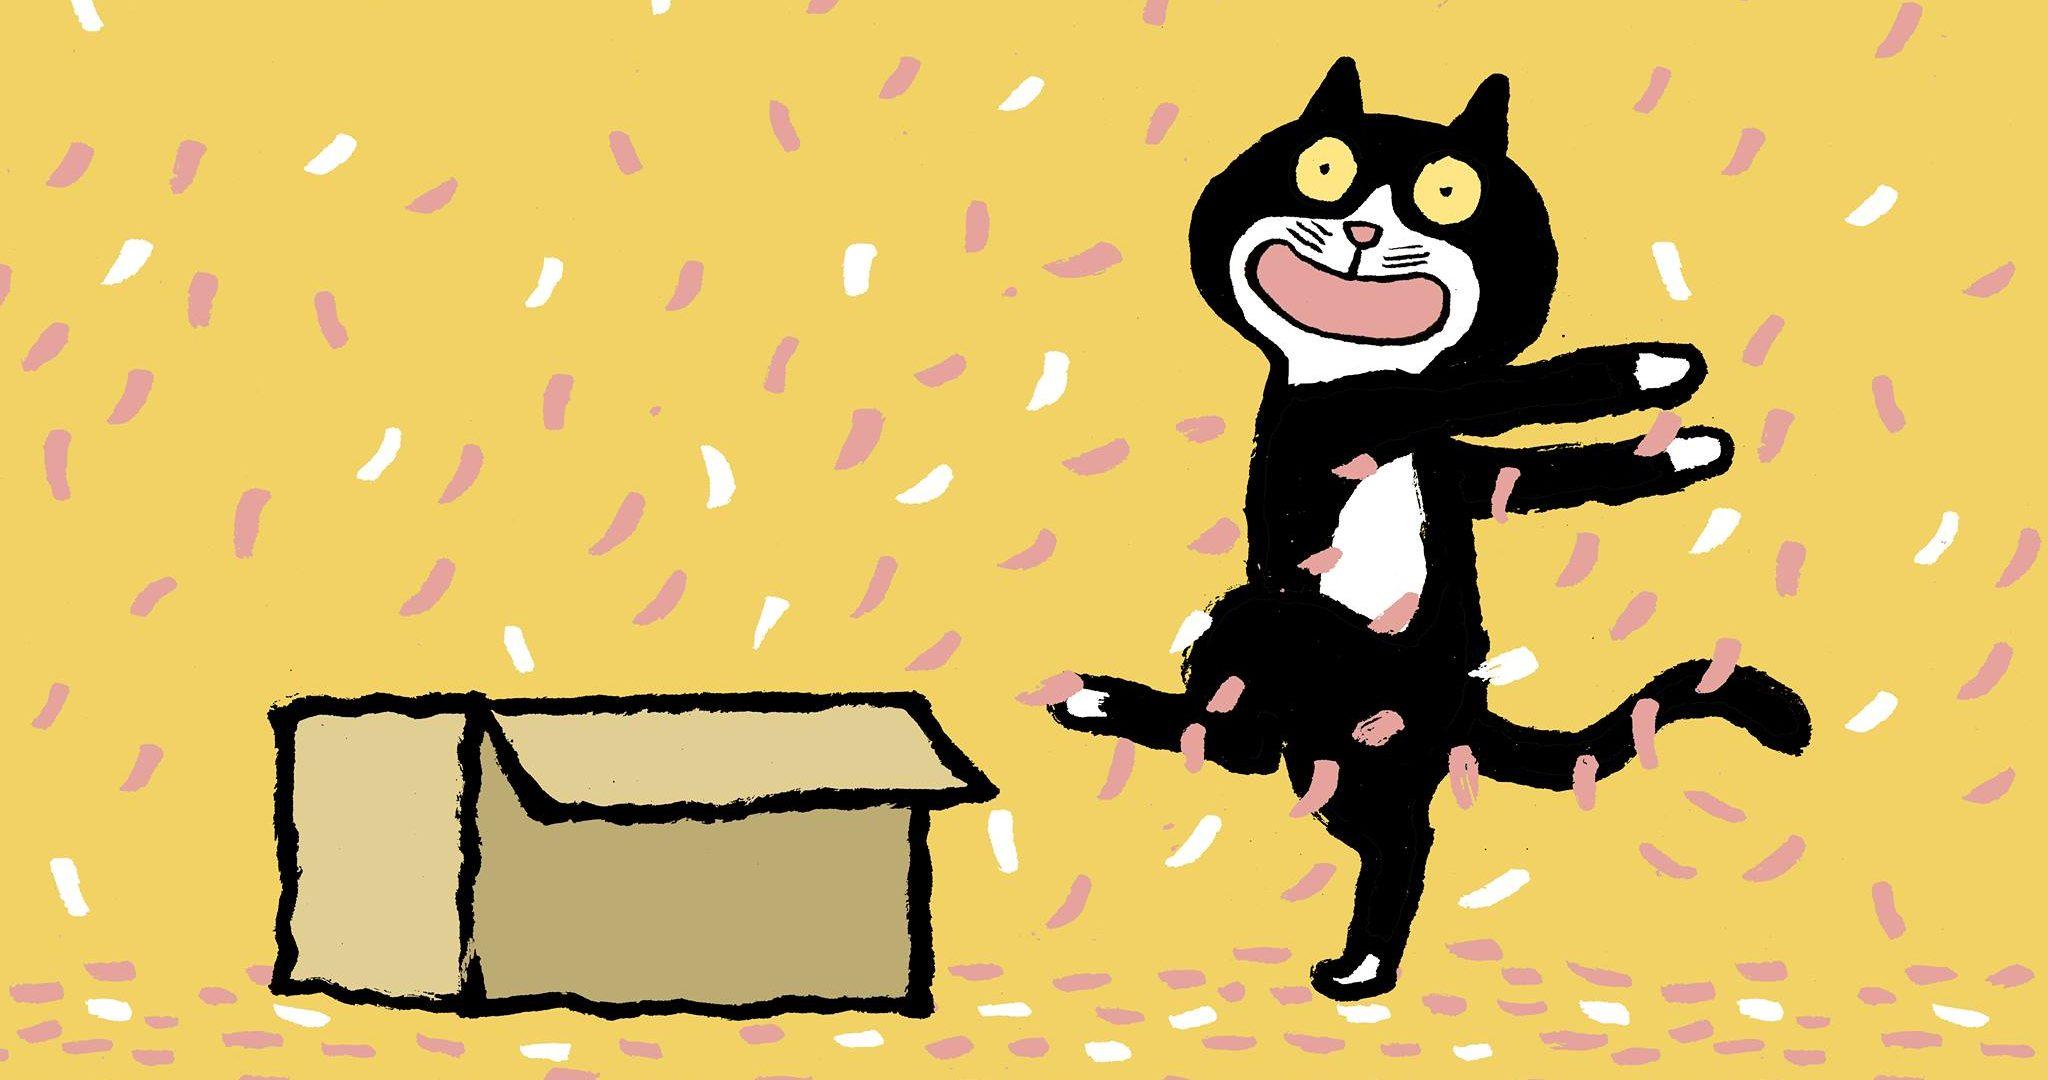 Peter, le chat debout – parce qu'être différent, c'est rigolo !